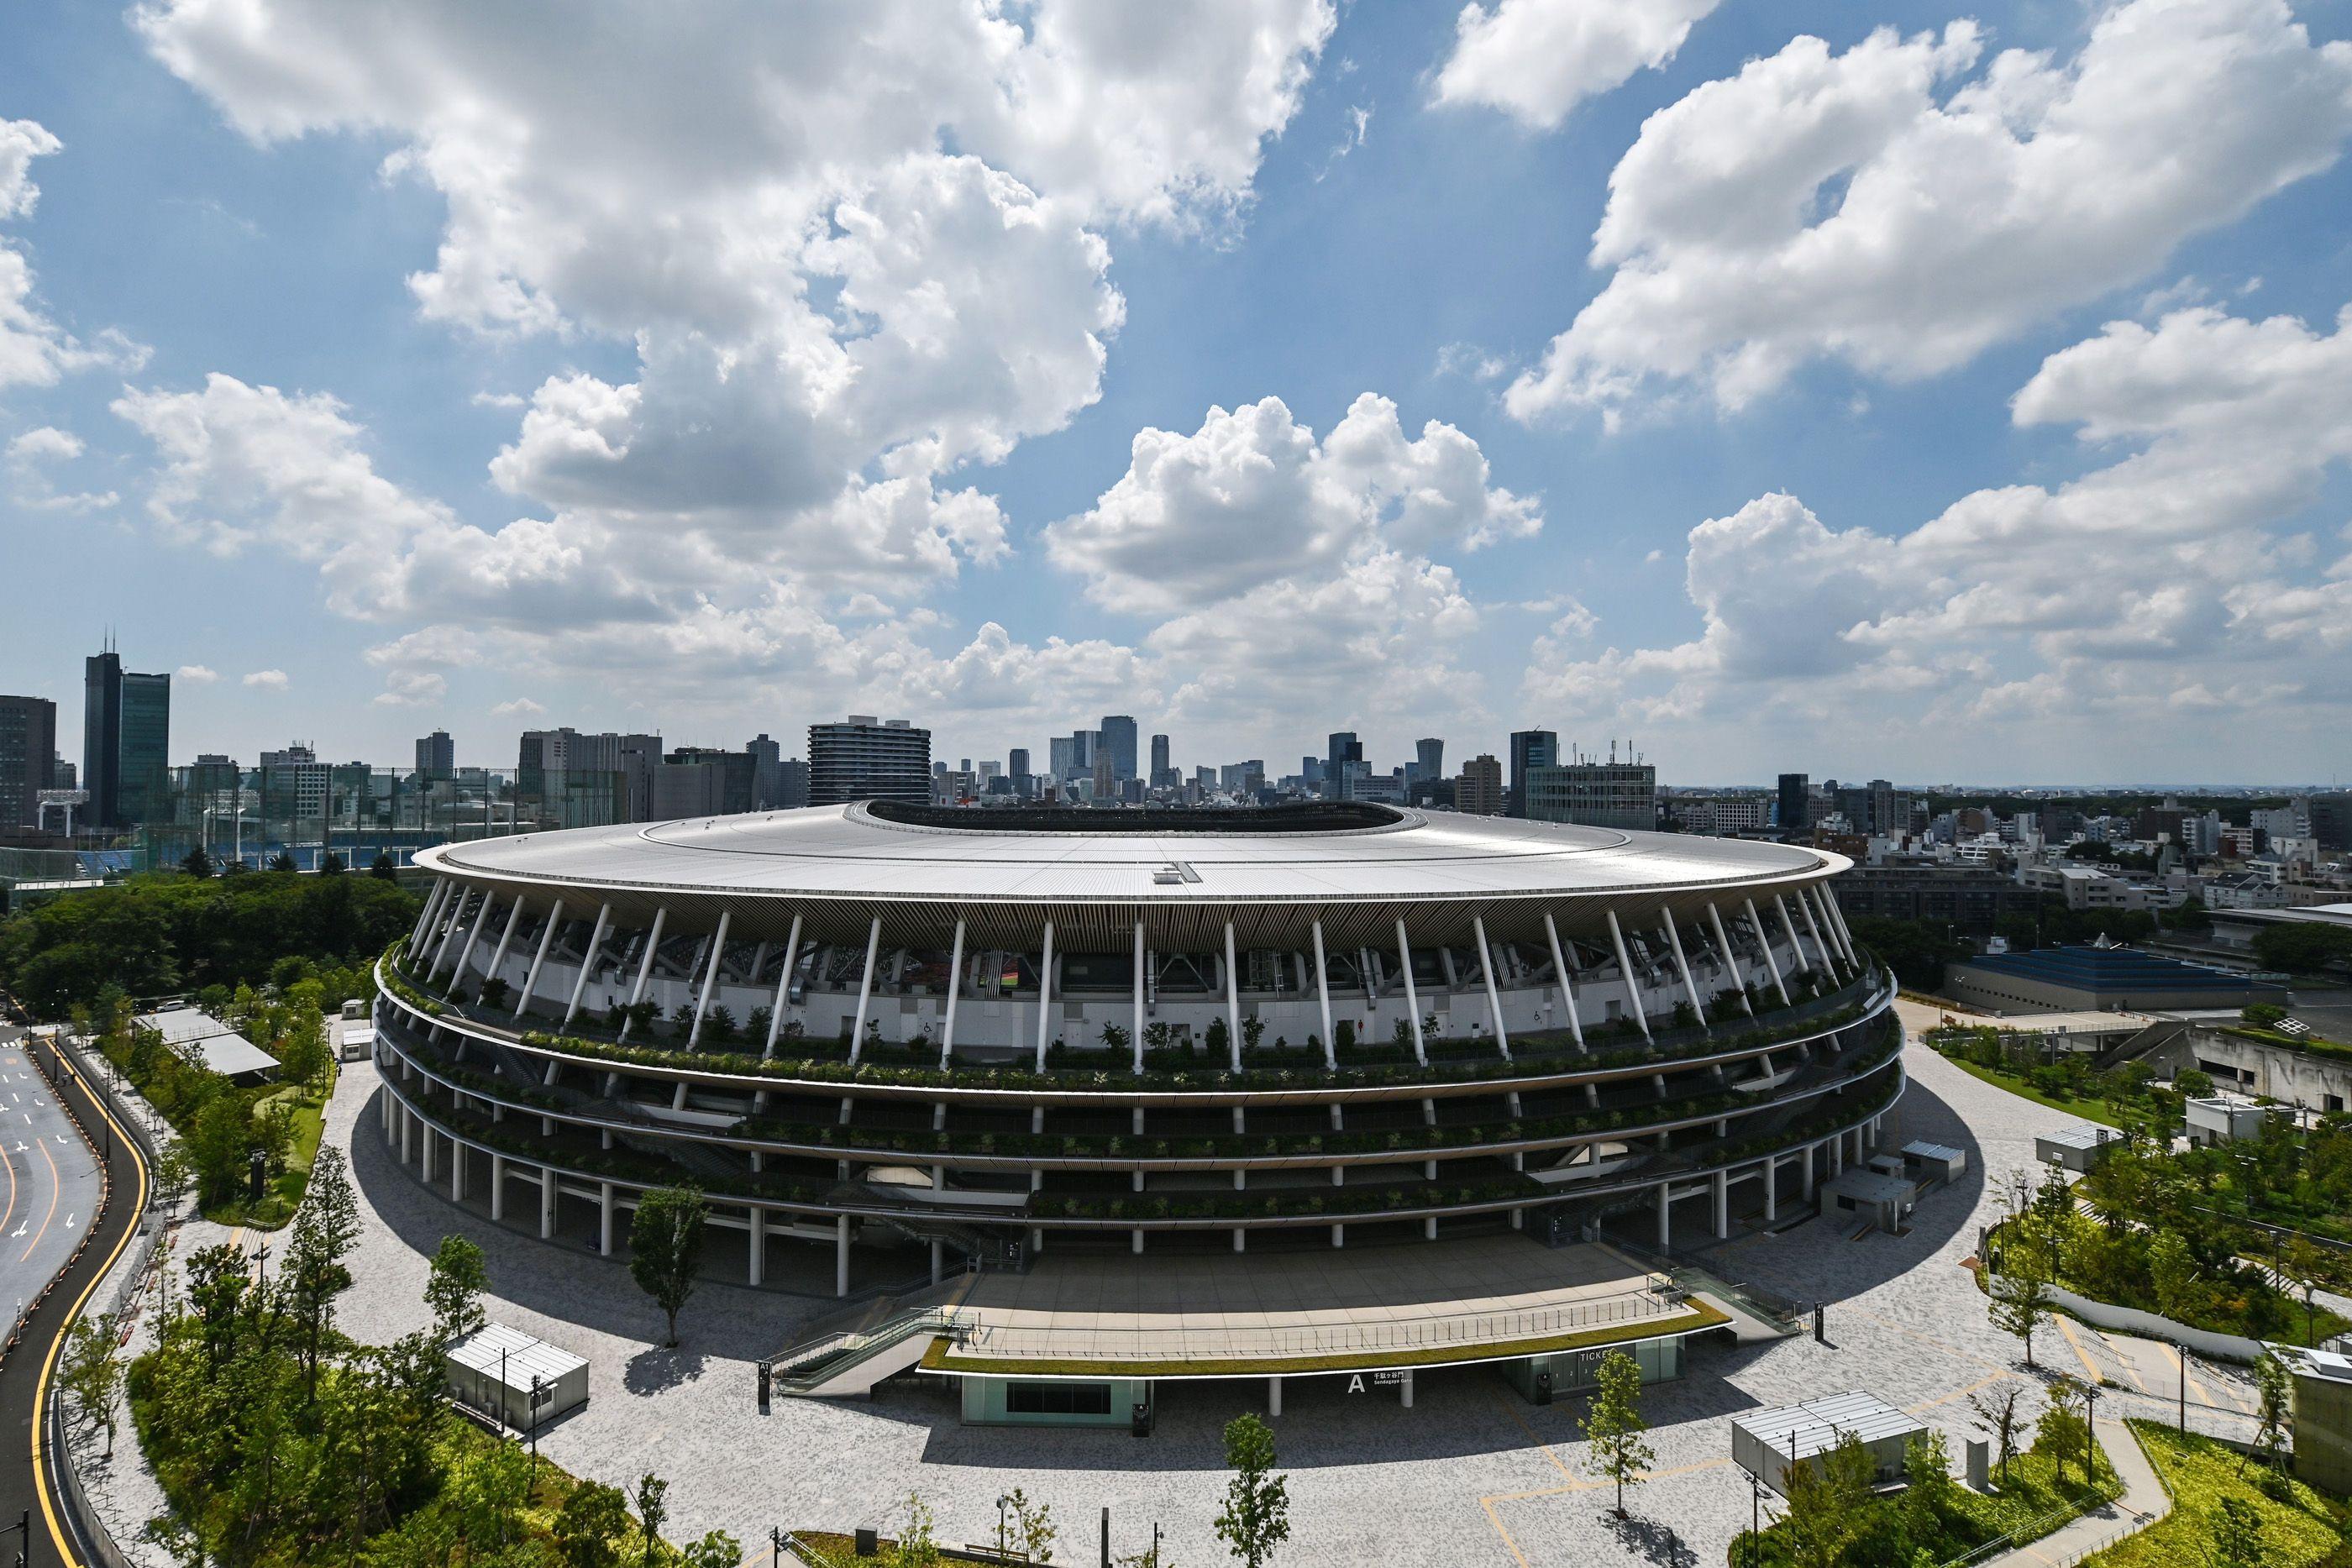 ملعب كوكوريتسو- الصورة من موقع world athletics